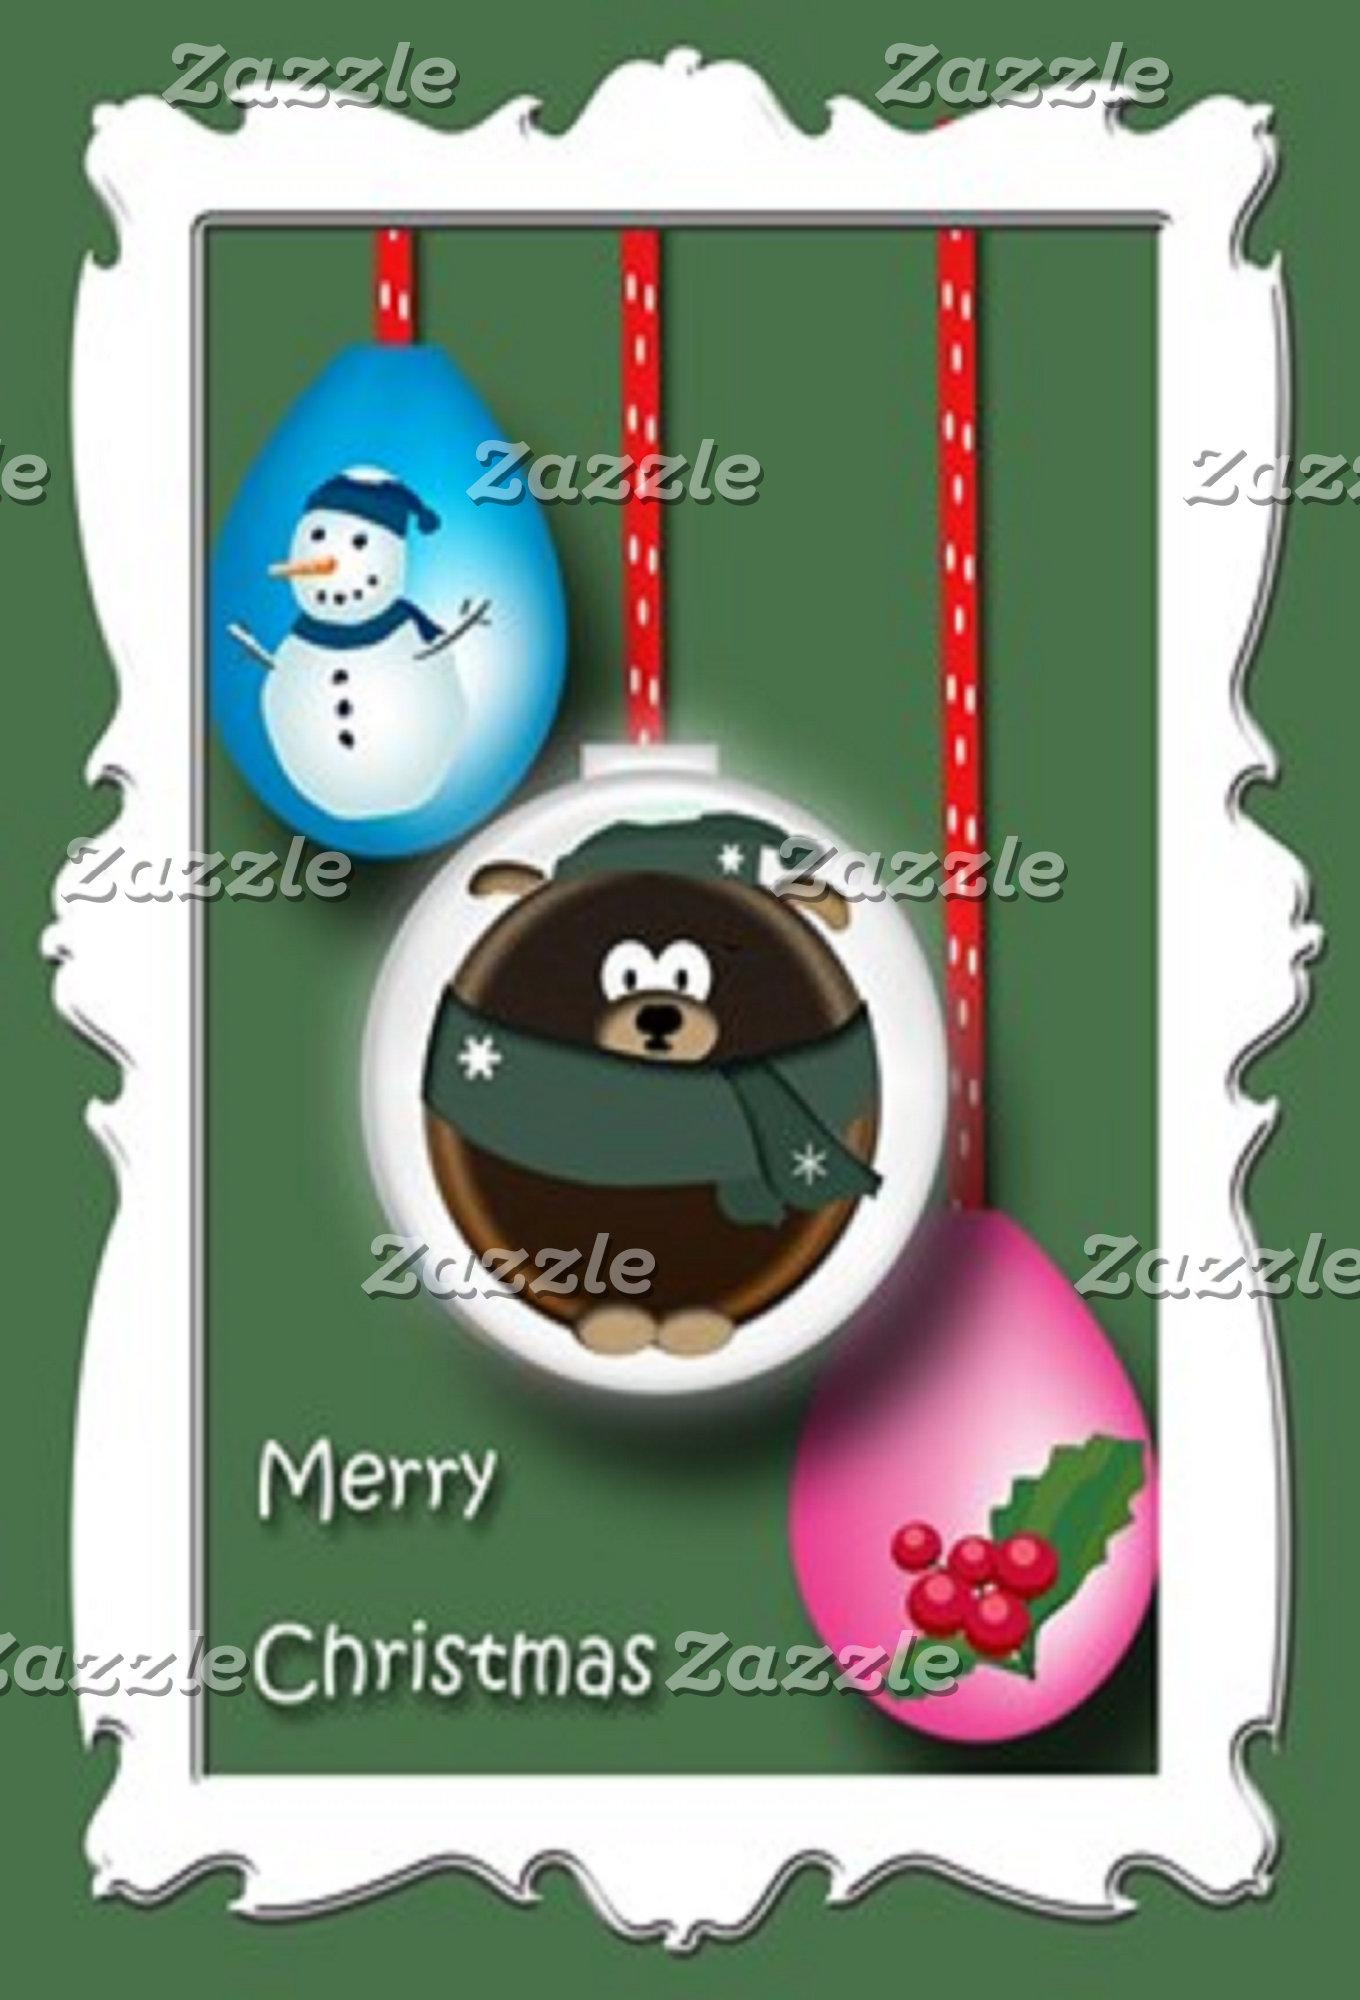 All new Christmas stuff